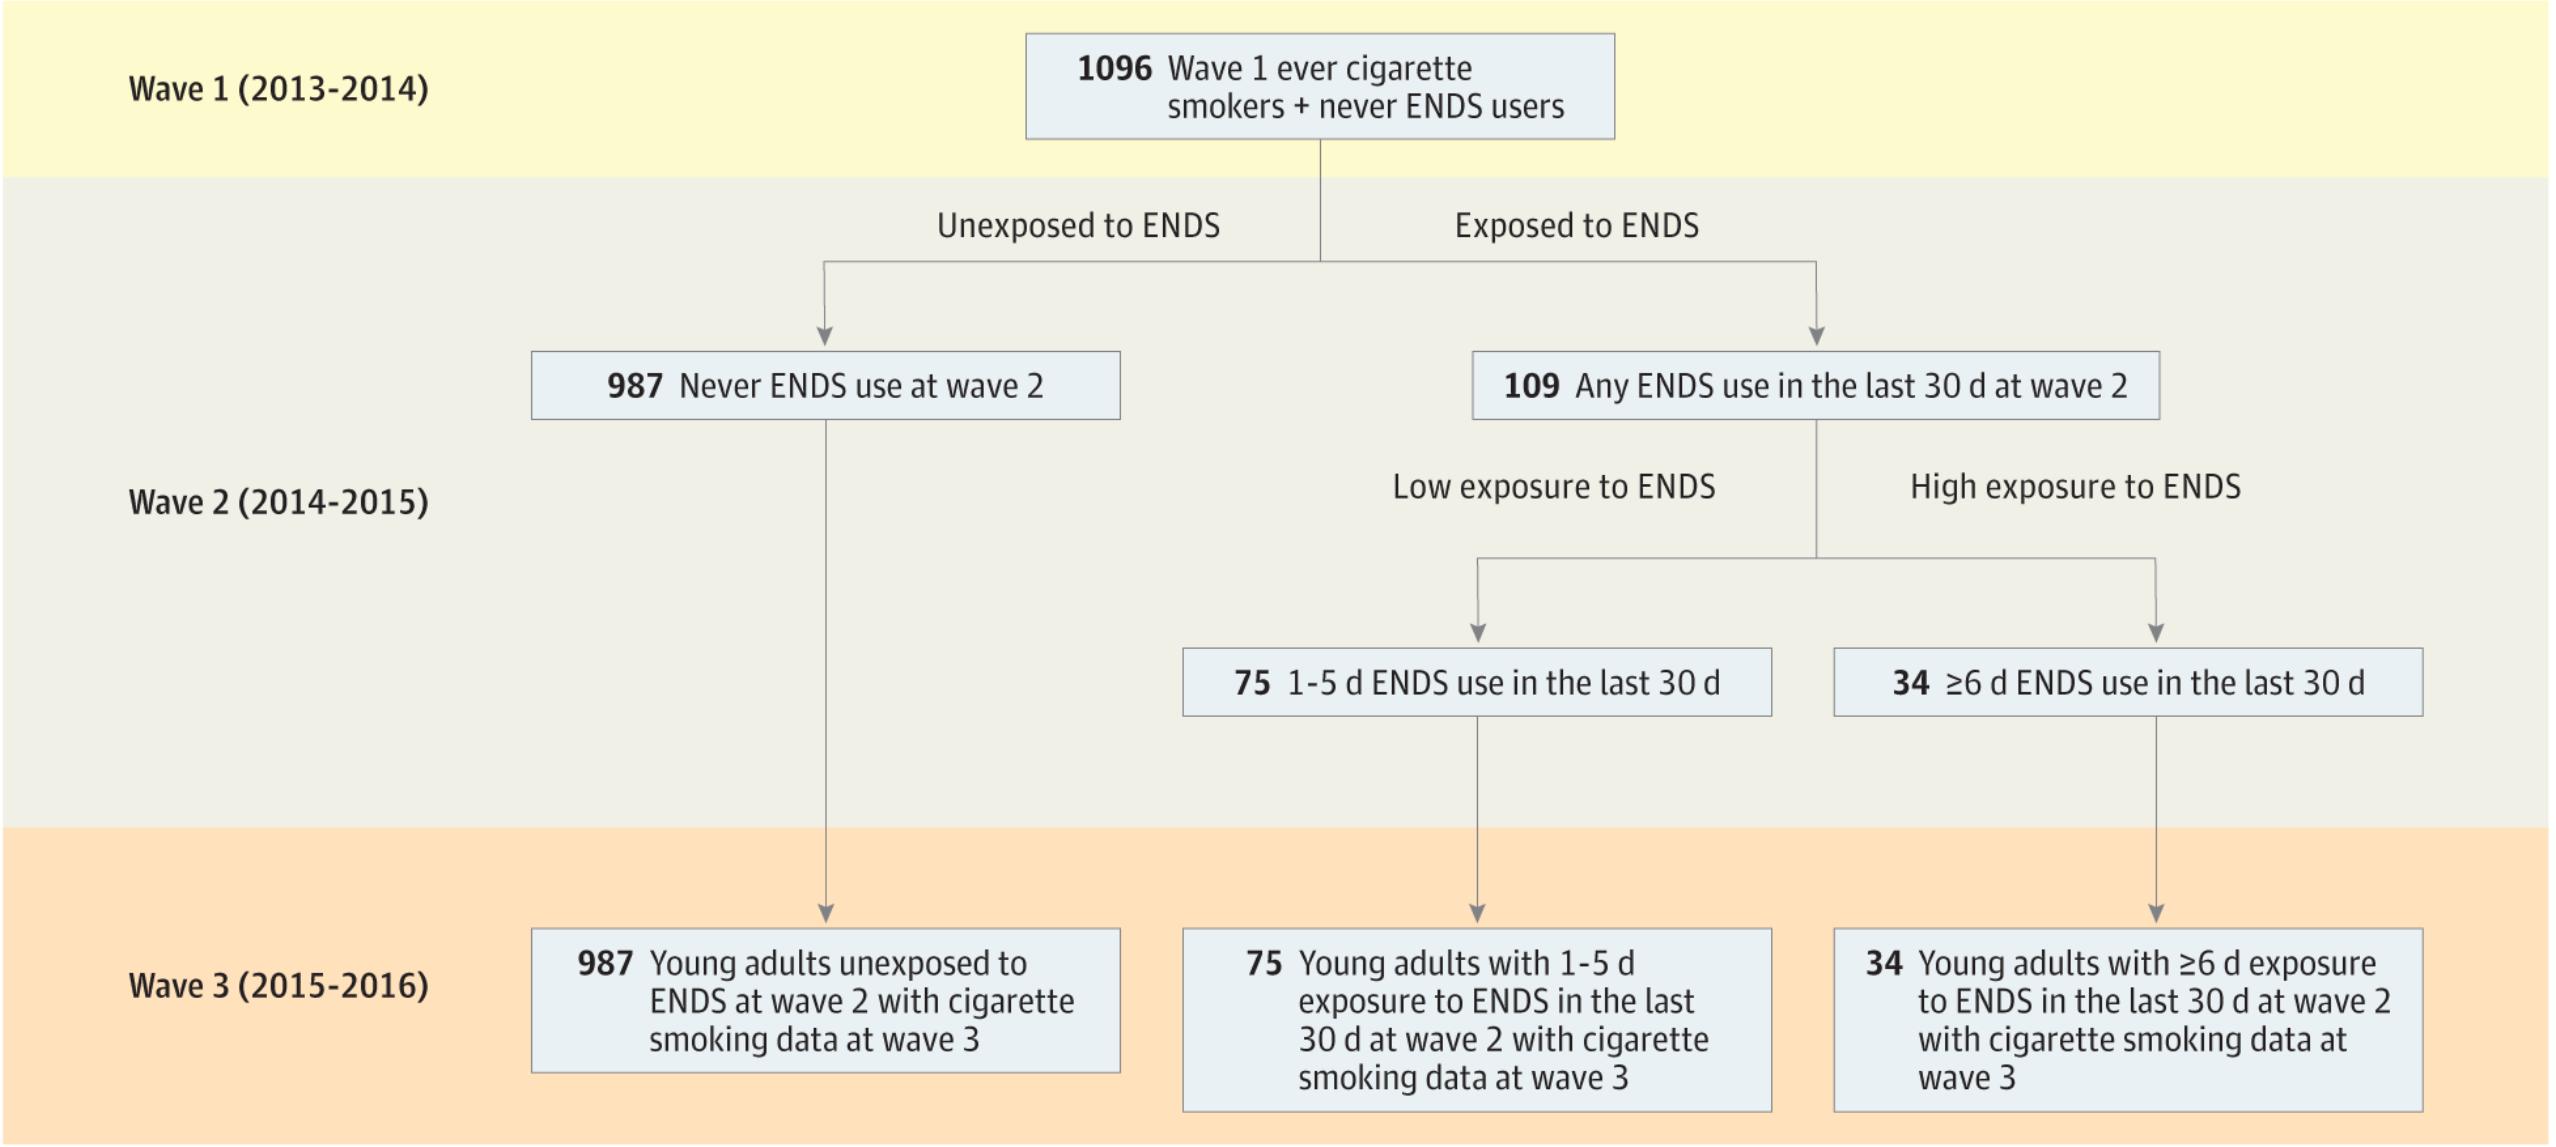 青少年吸烟量与电子烟剂使用的进展